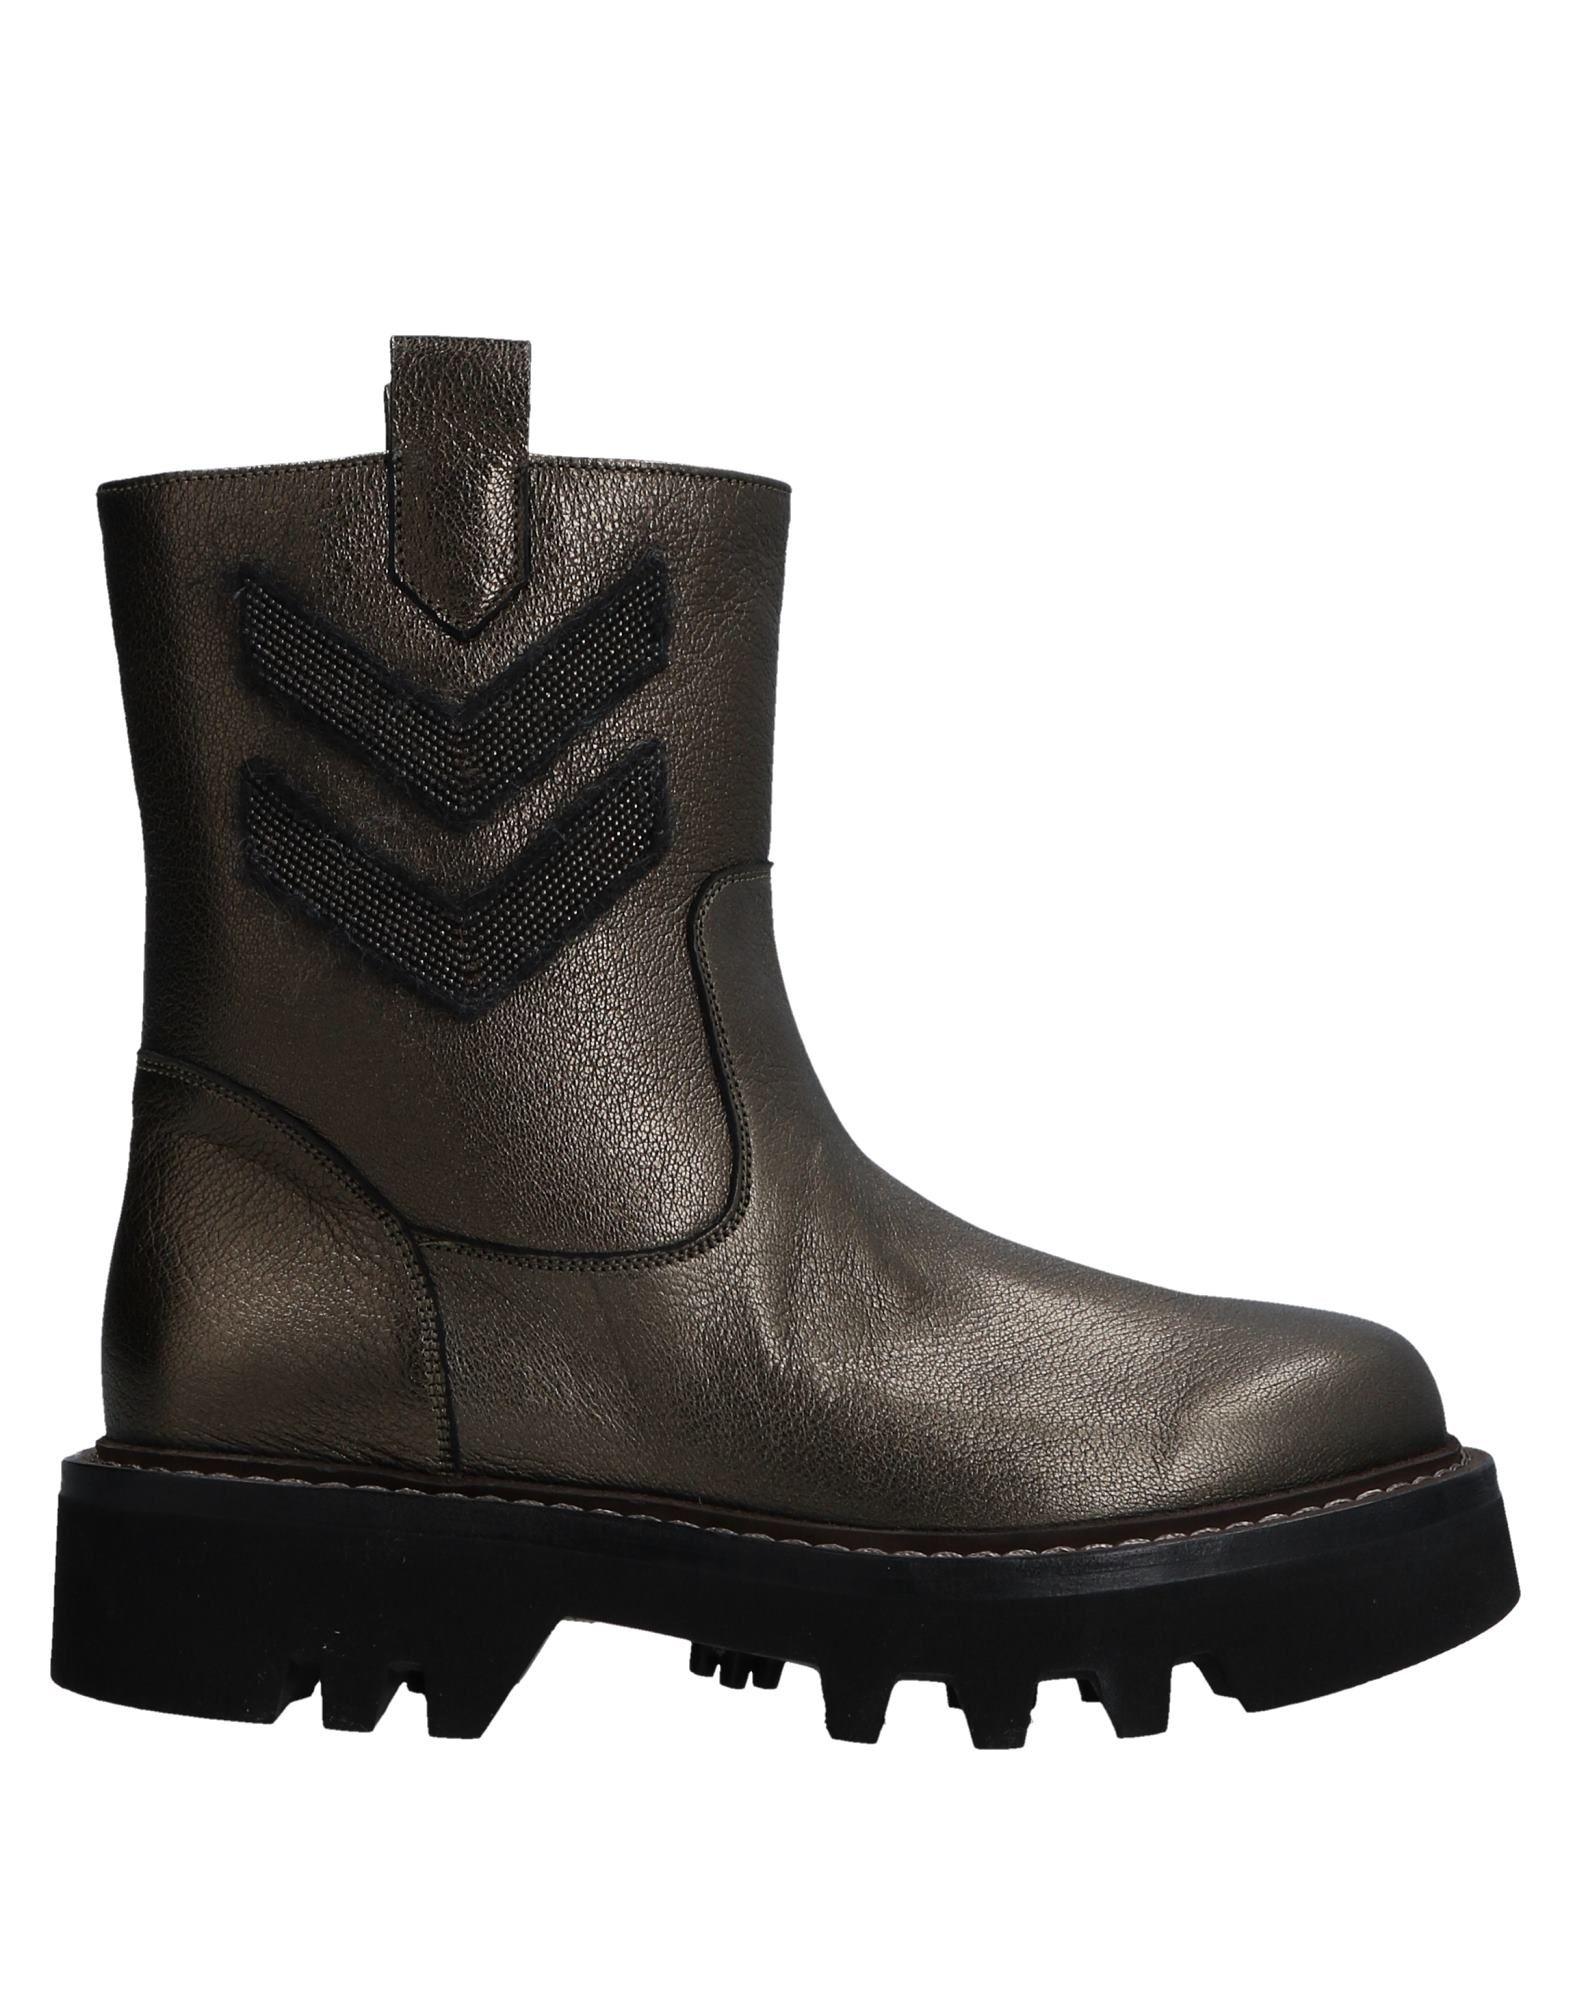 Brunello Cucinelli Stiefelette Damen  11515077EHGünstige gut aussehende Schuhe